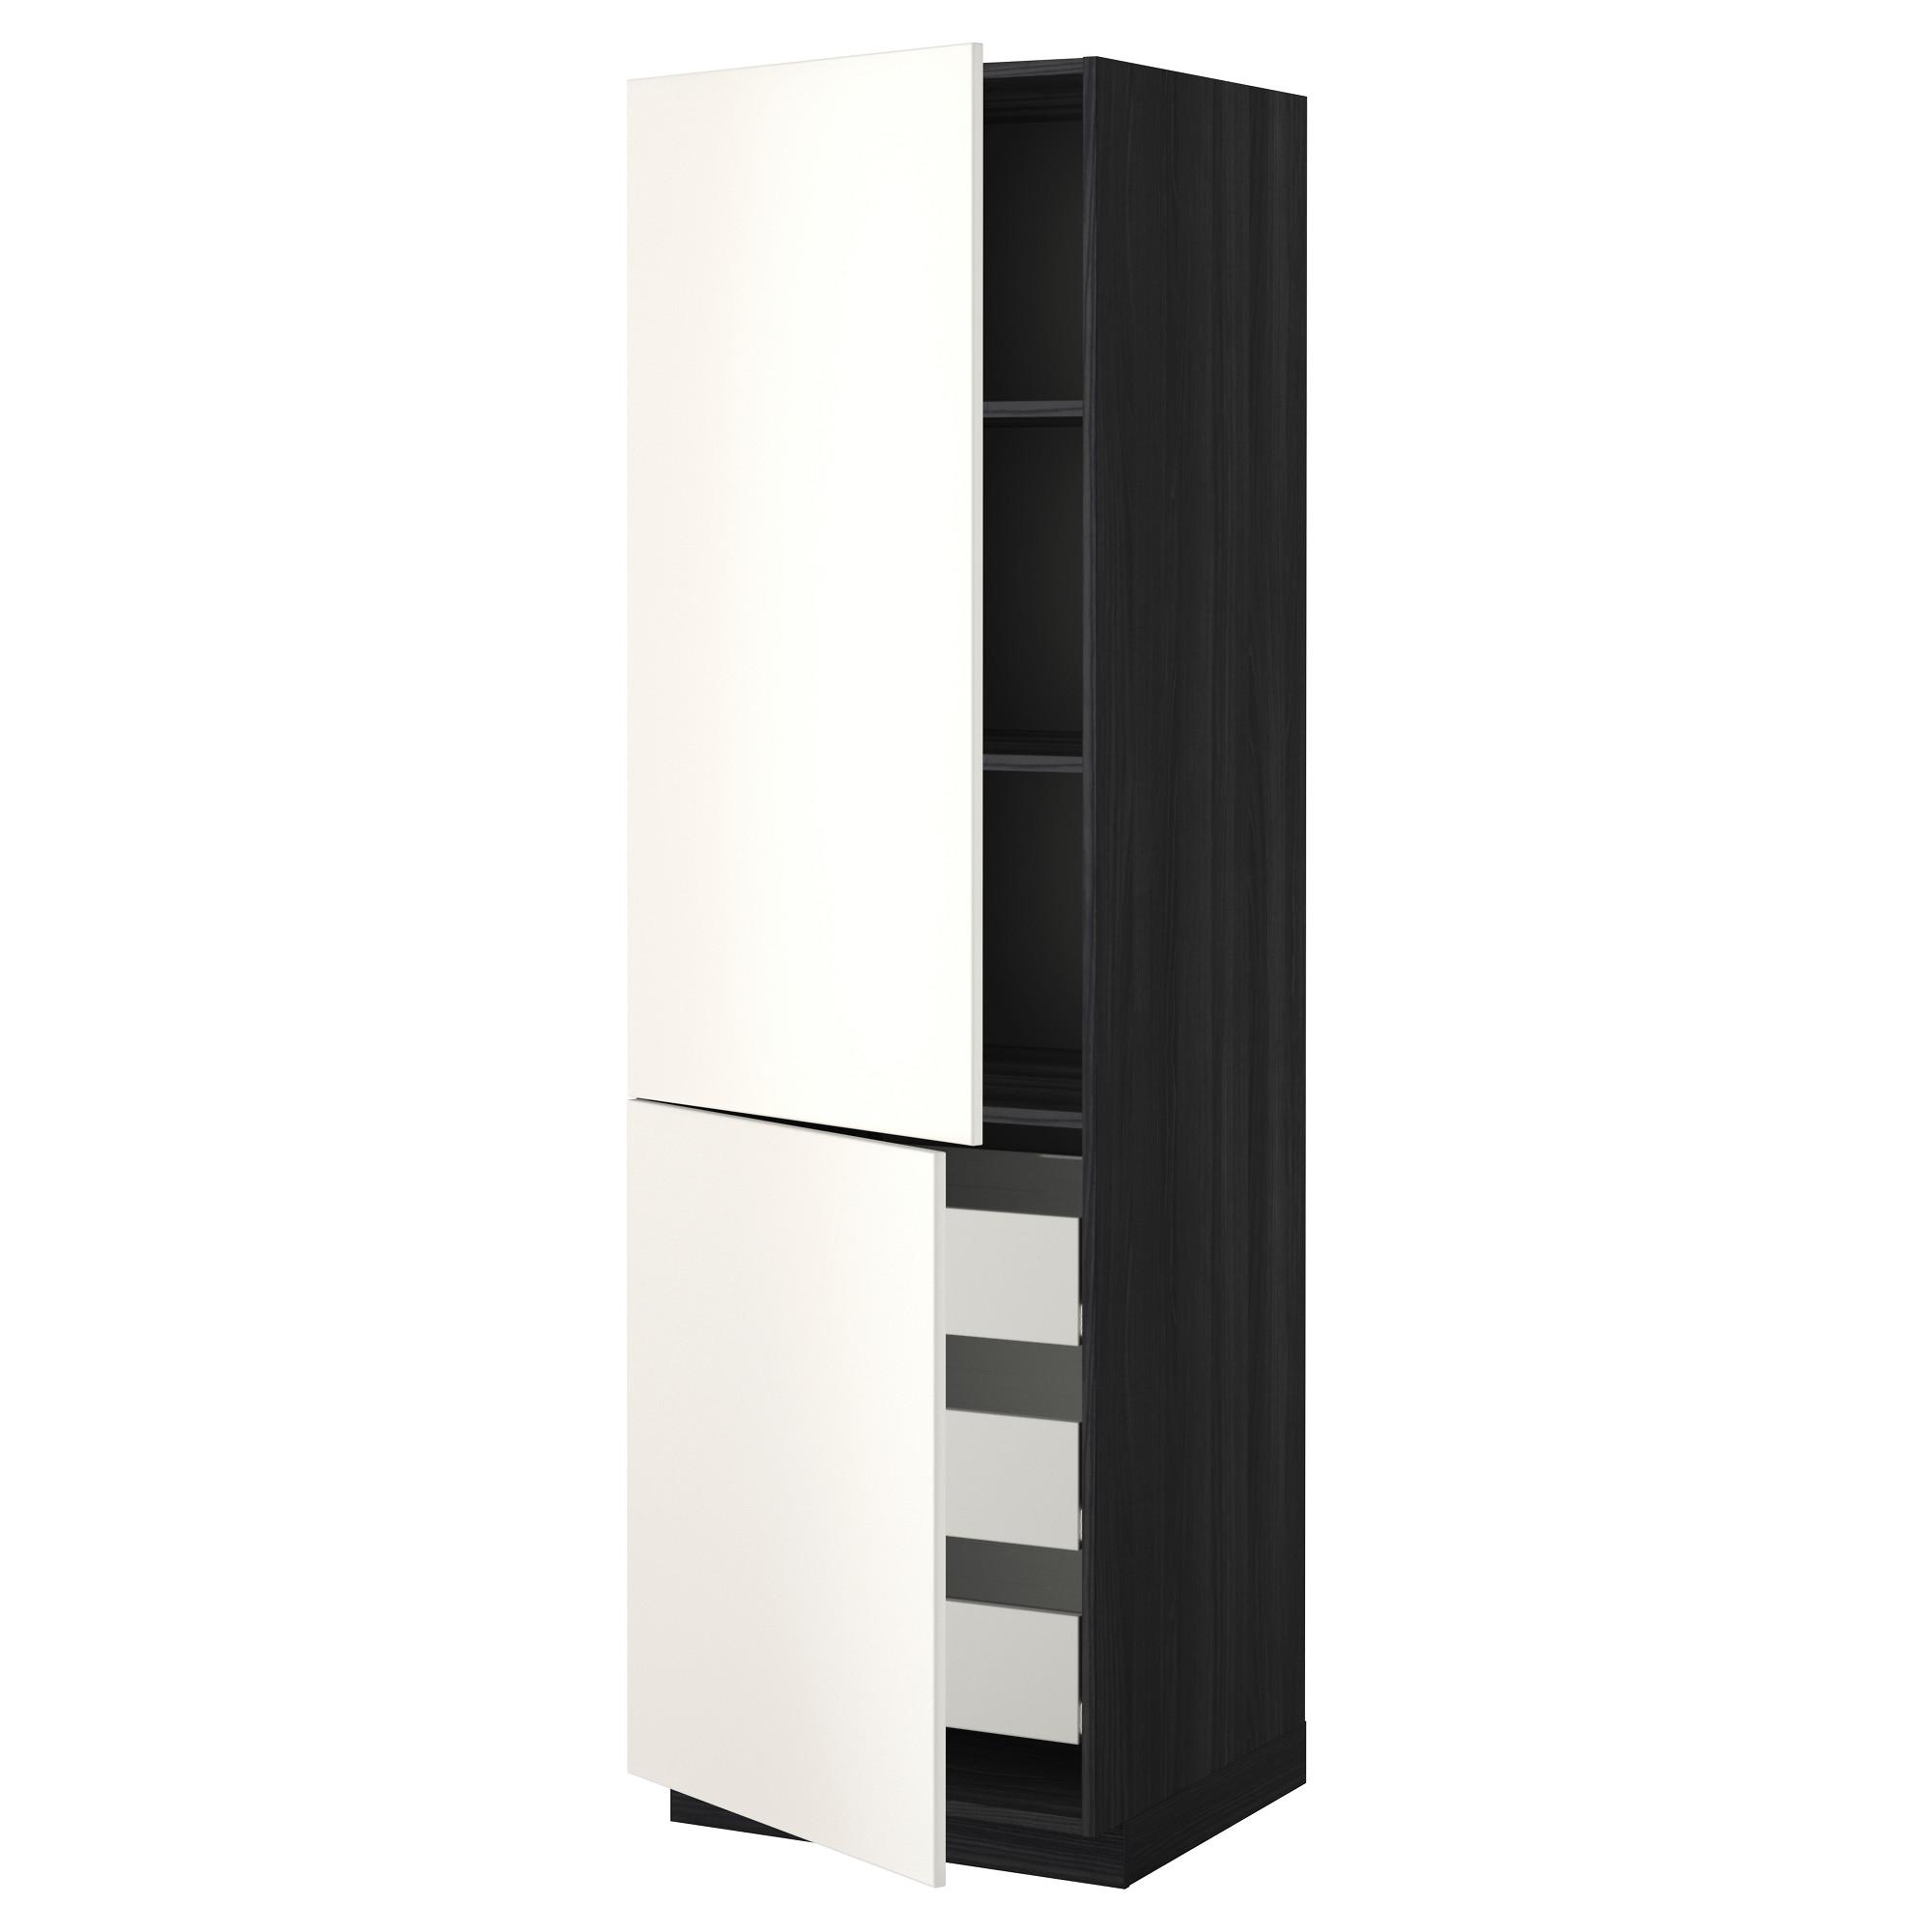 Высокий шкаф + полки, 3 ящика, 2 дверцы МЕТОД / ФОРВАРА черный артикуль № 892.647.47 в наличии. Онлайн сайт IKEA Минск. Недорогая доставка и установка.